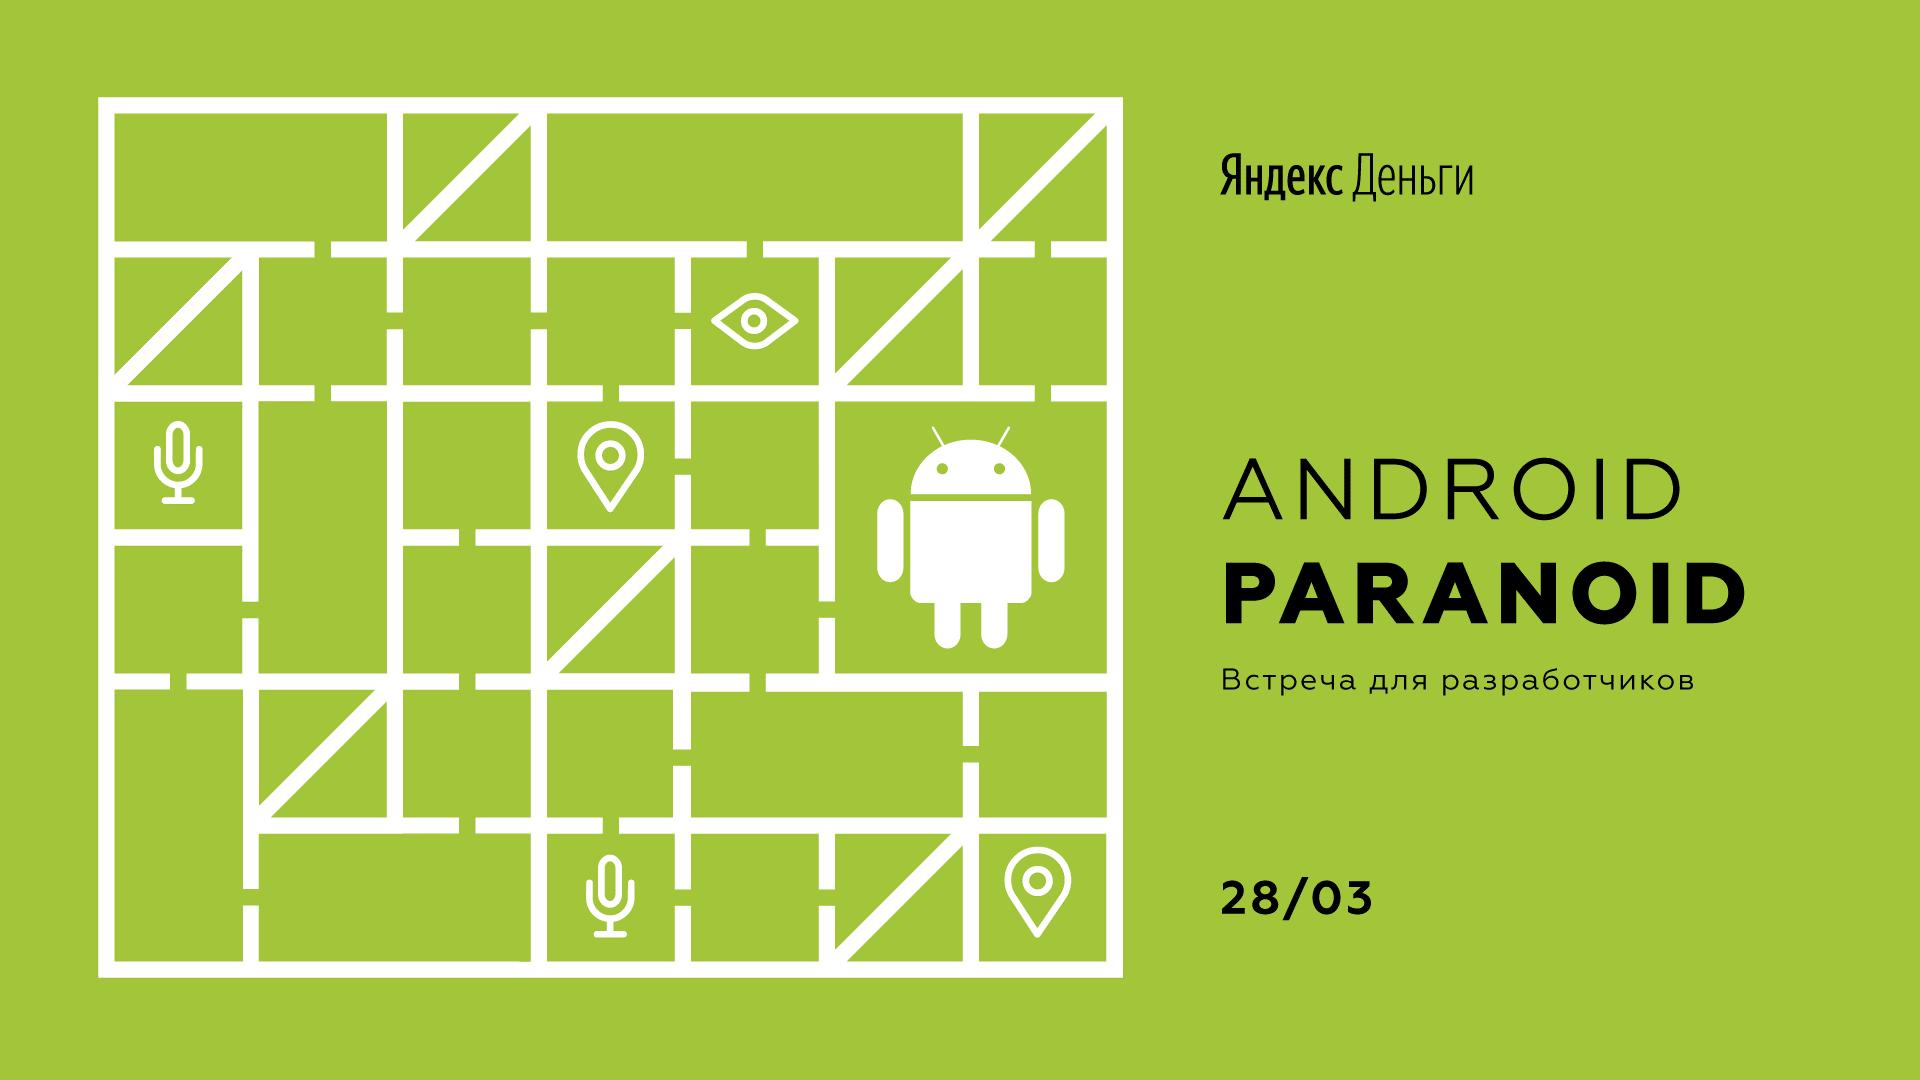 [Видео] Как мы провели очередной Android Paranoid